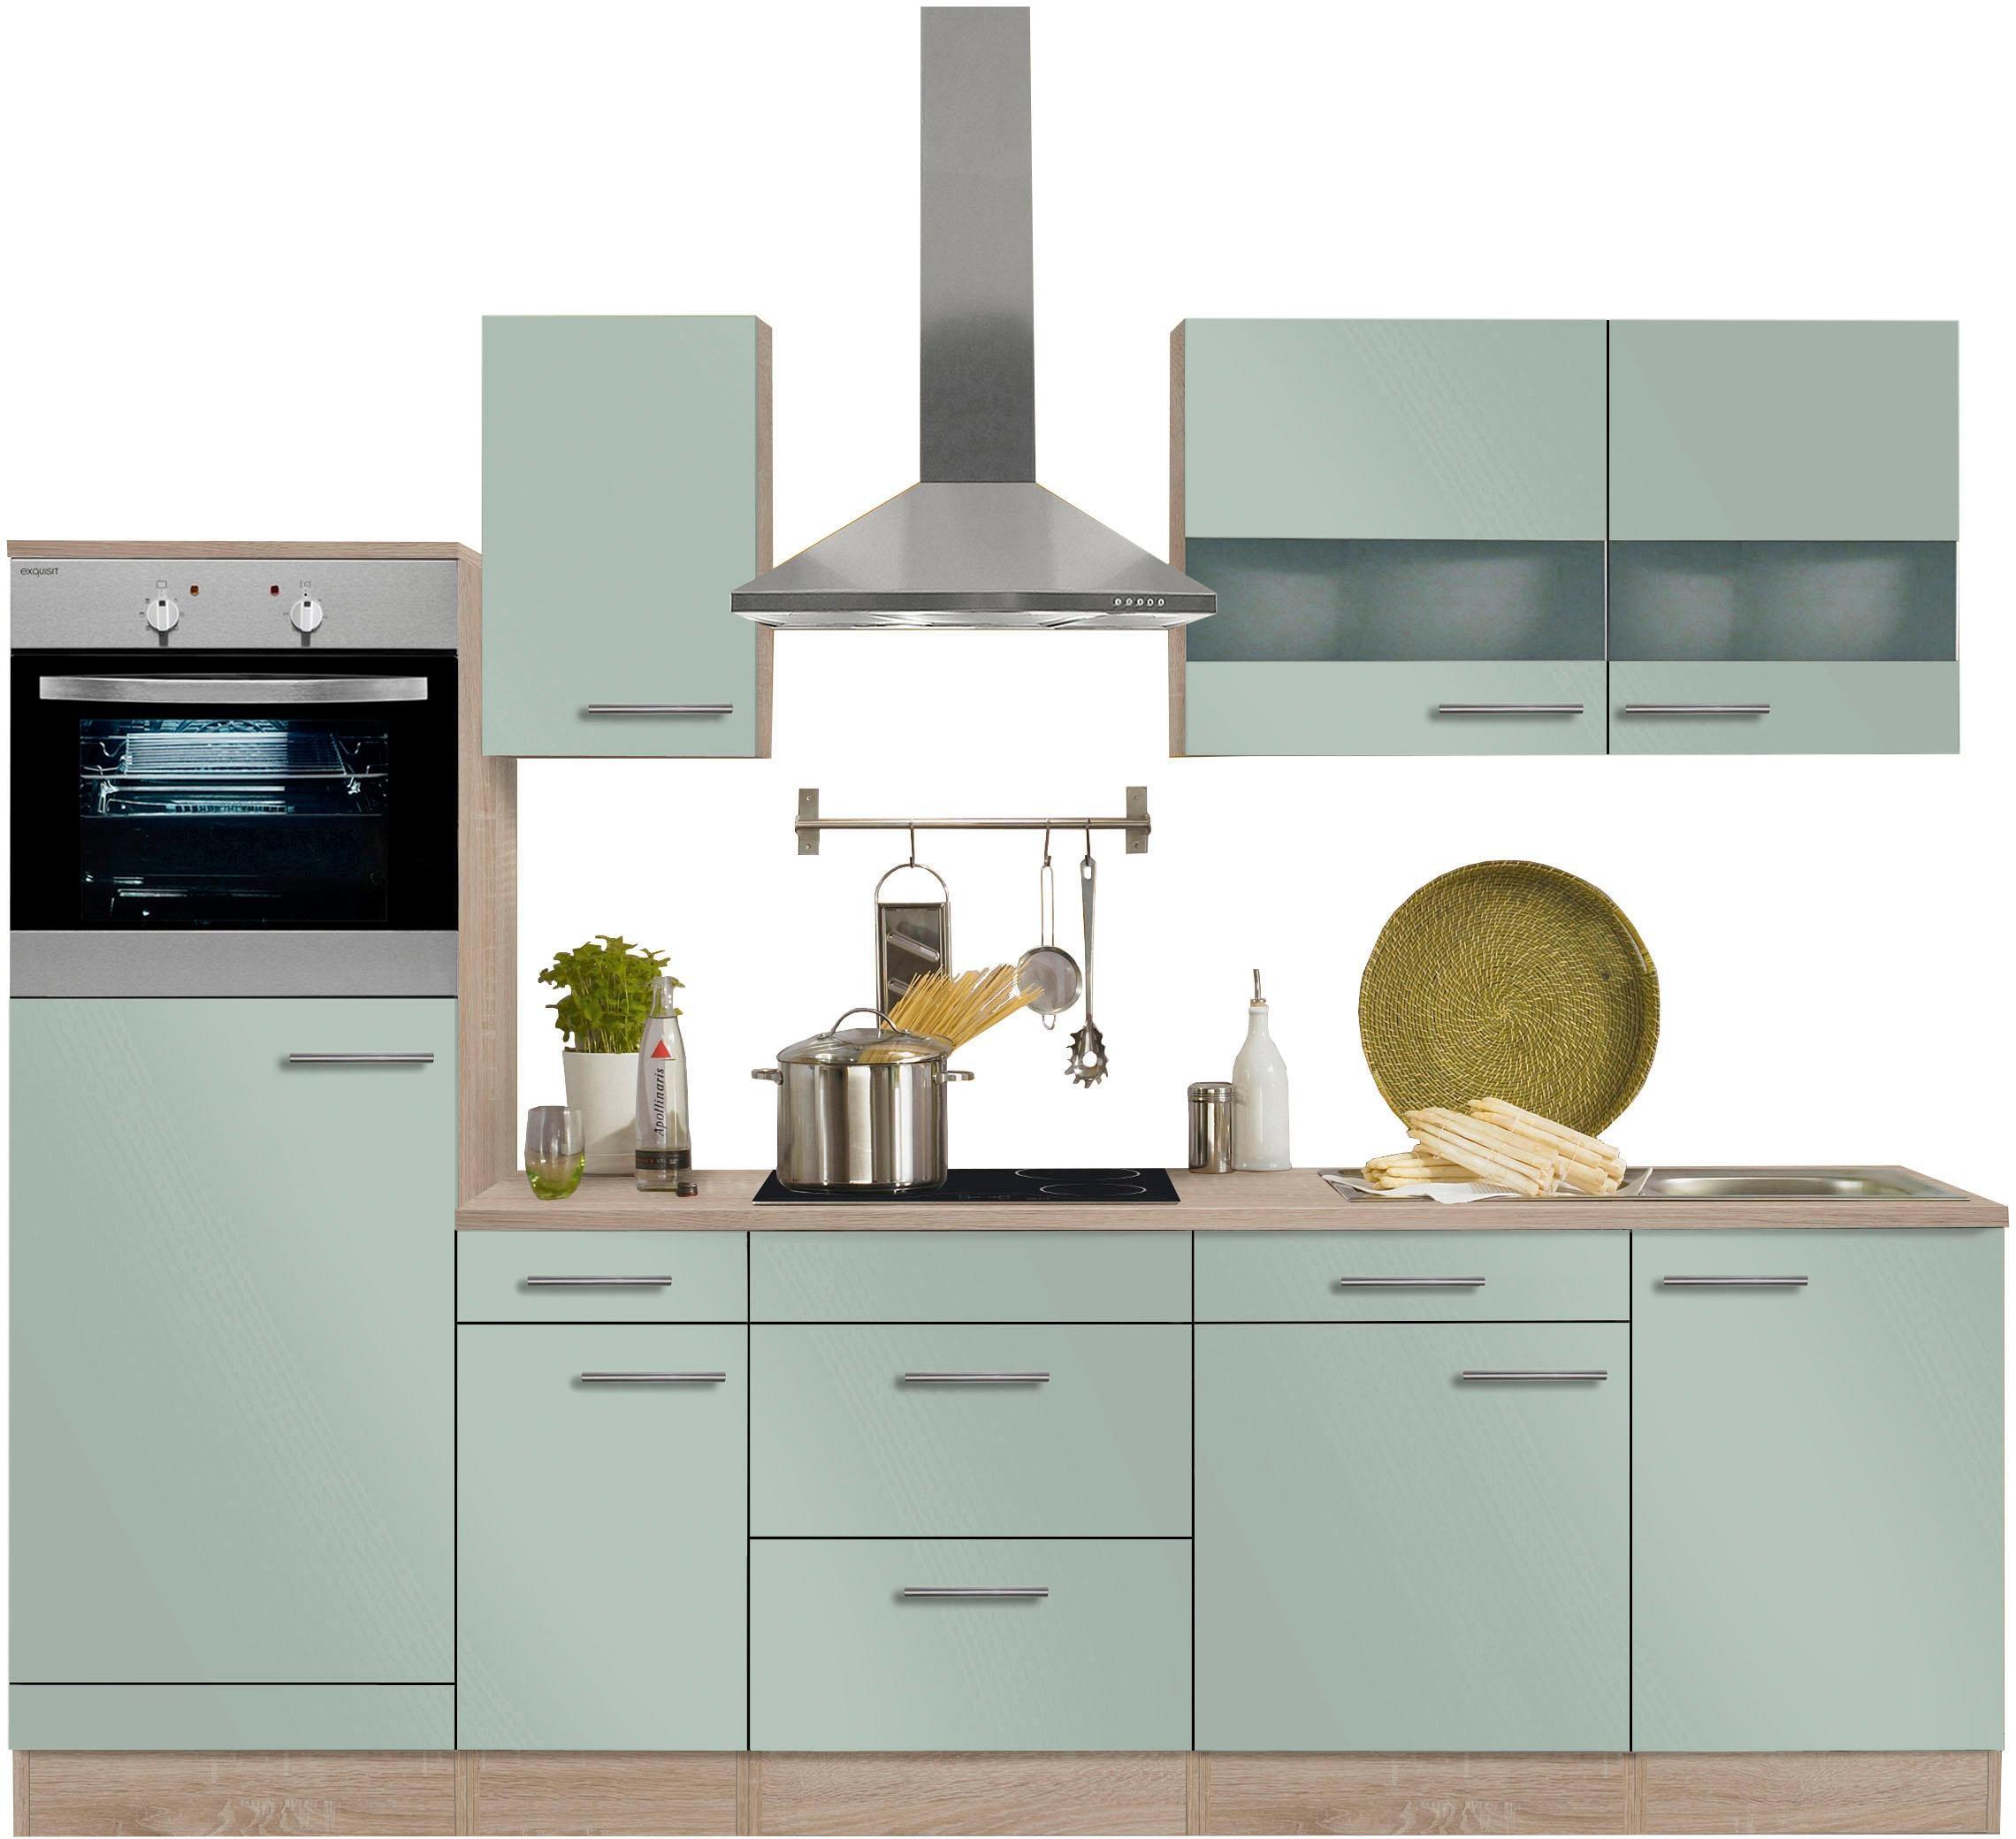 OPTIFIT Küchenzeile Kalmar | Küche und Esszimmer > Küchen | Optifit